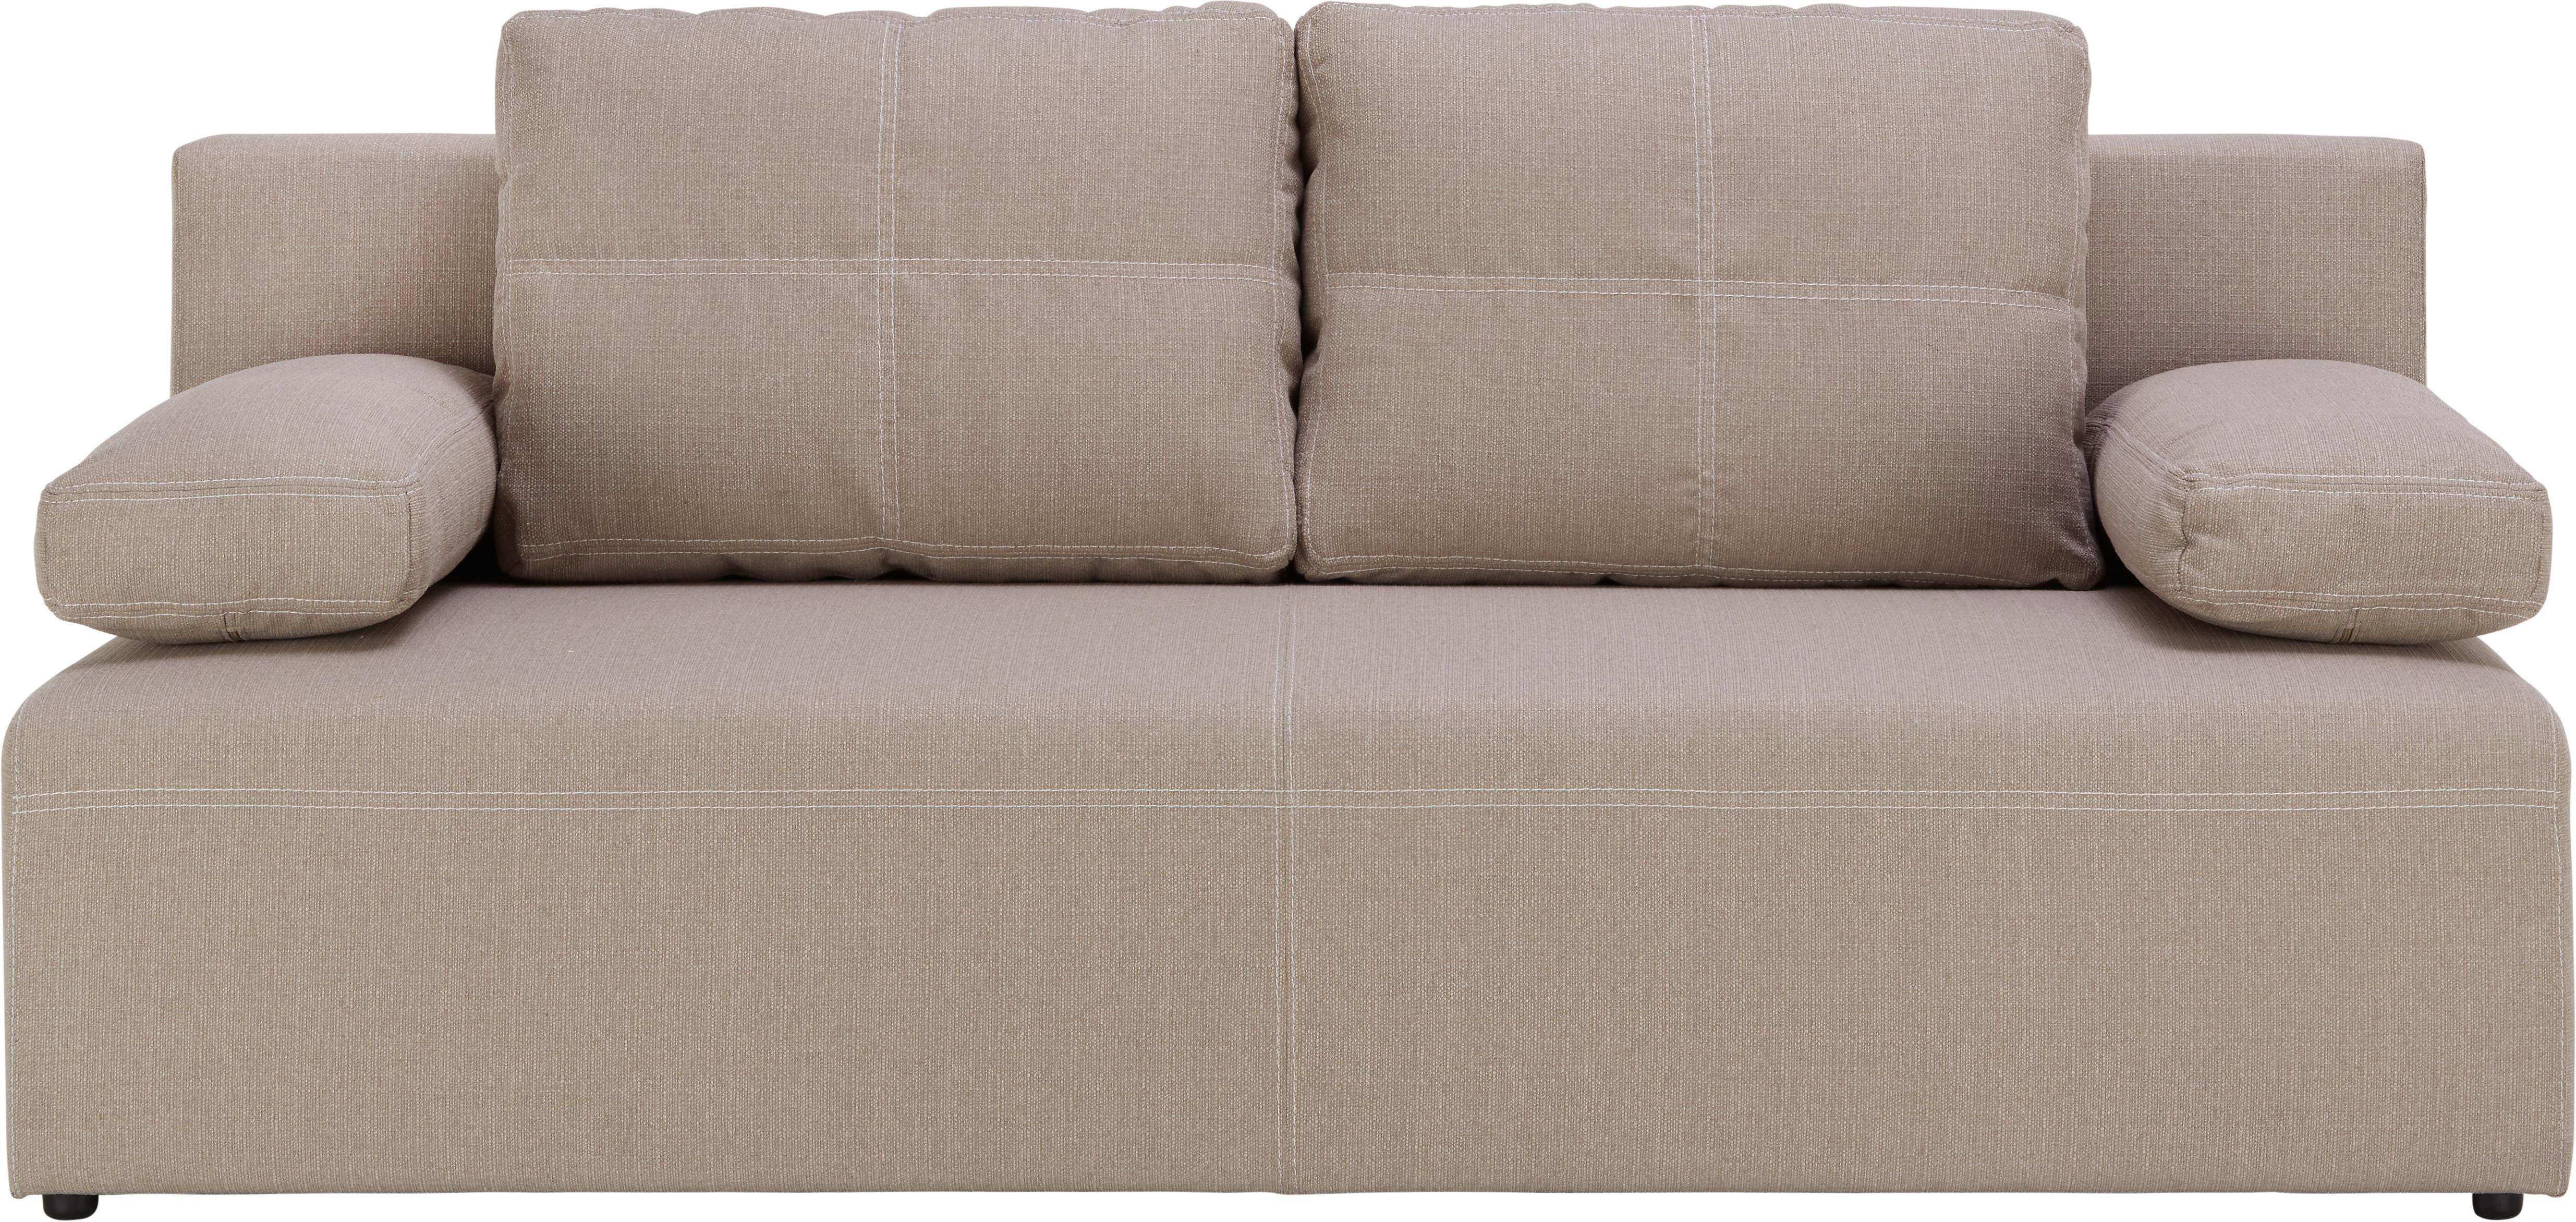 Pohovka München - bílá/béžová, Konvenční, textil (202/88/84cm) - MÖMAX modern living